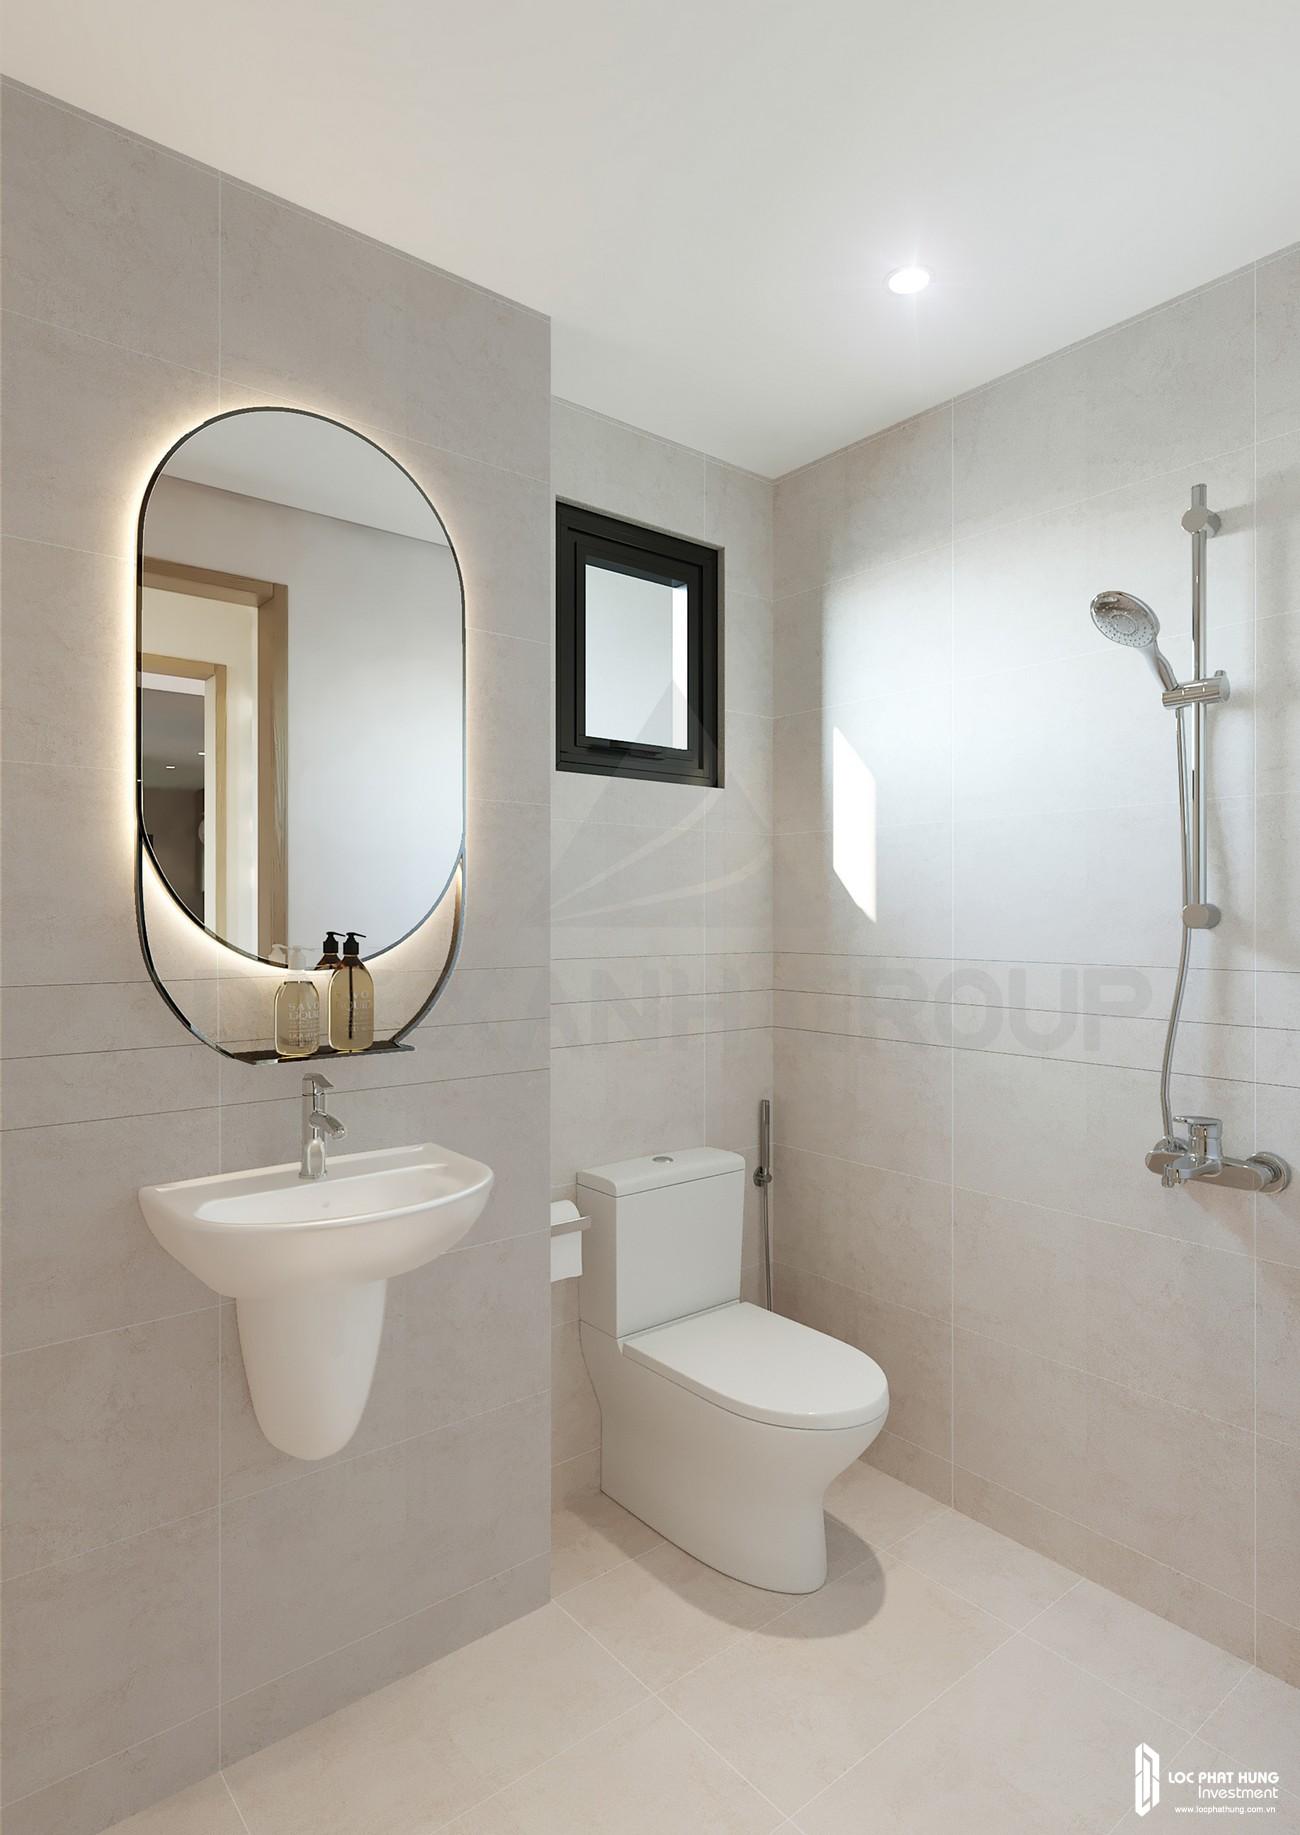 Thiế kế vệ sinh của nhà mẫu loại 2 phòng ngủ dự án căn hộ chung cư Opal Skyline Thuận An